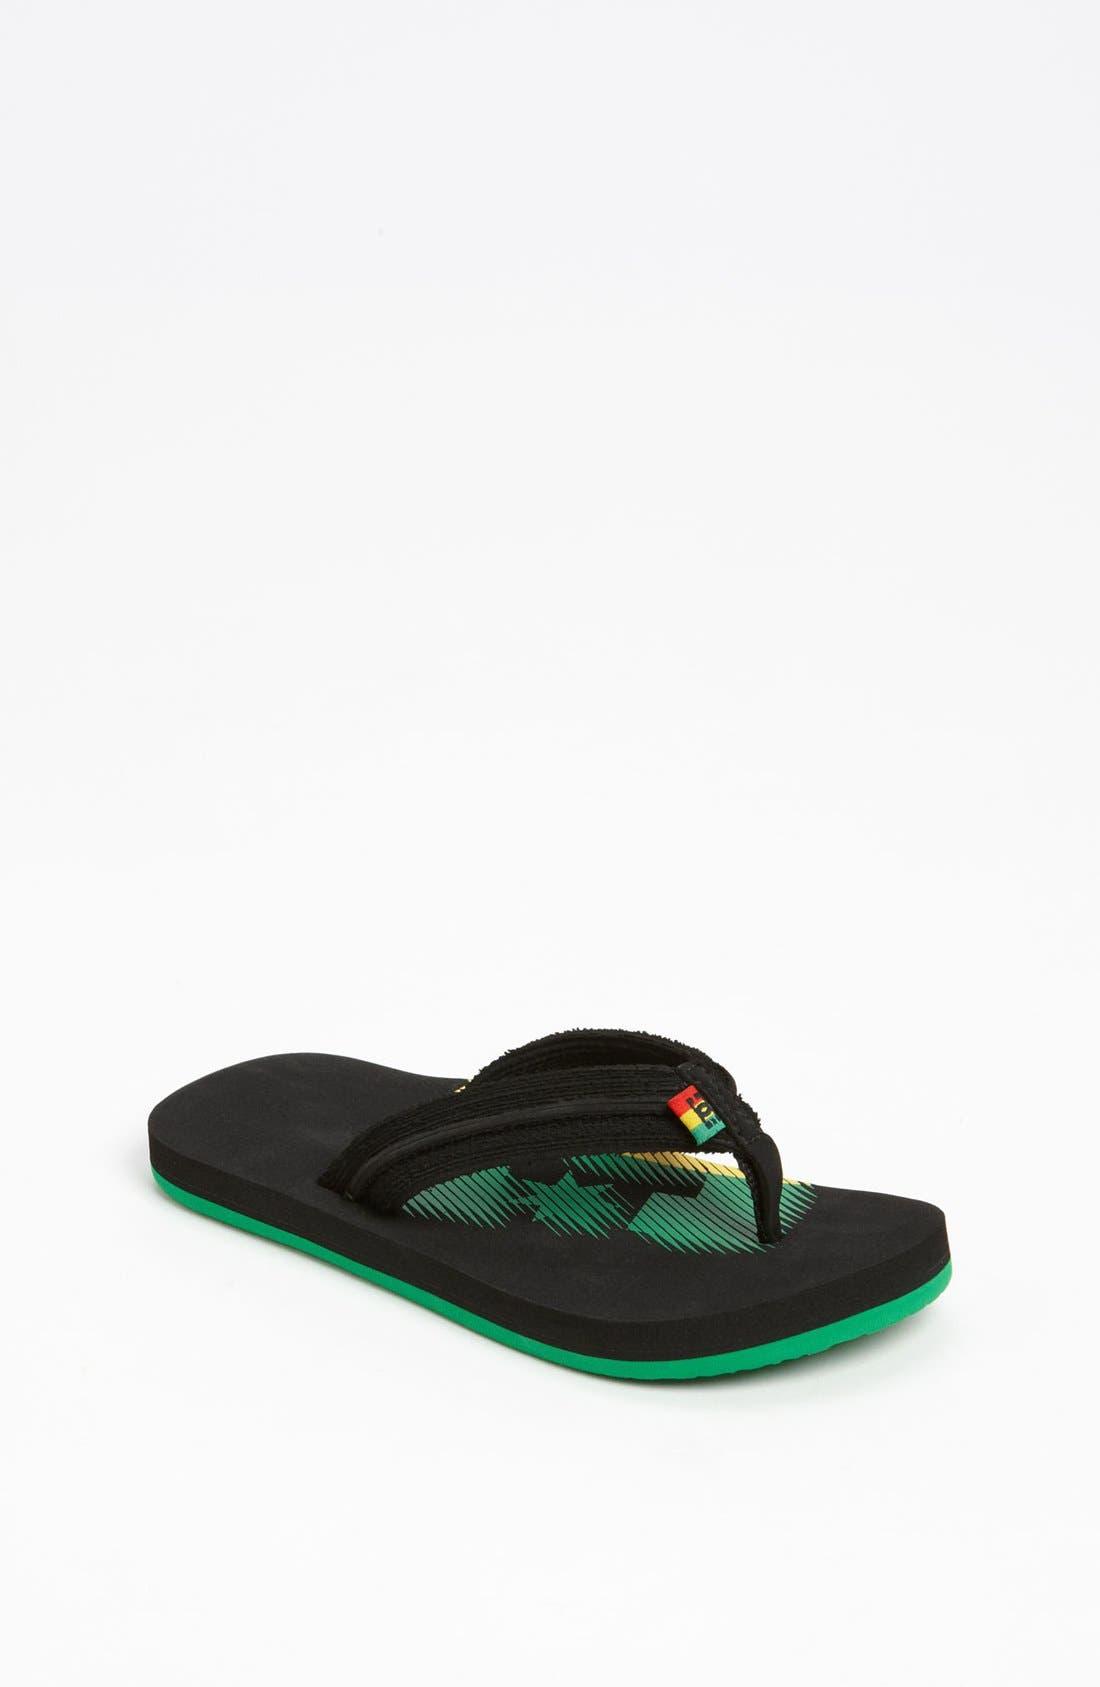 Alternate Image 1 Selected - DC Shoes 'Central' Sandal (Toddler, Little Kid & Big Kid)